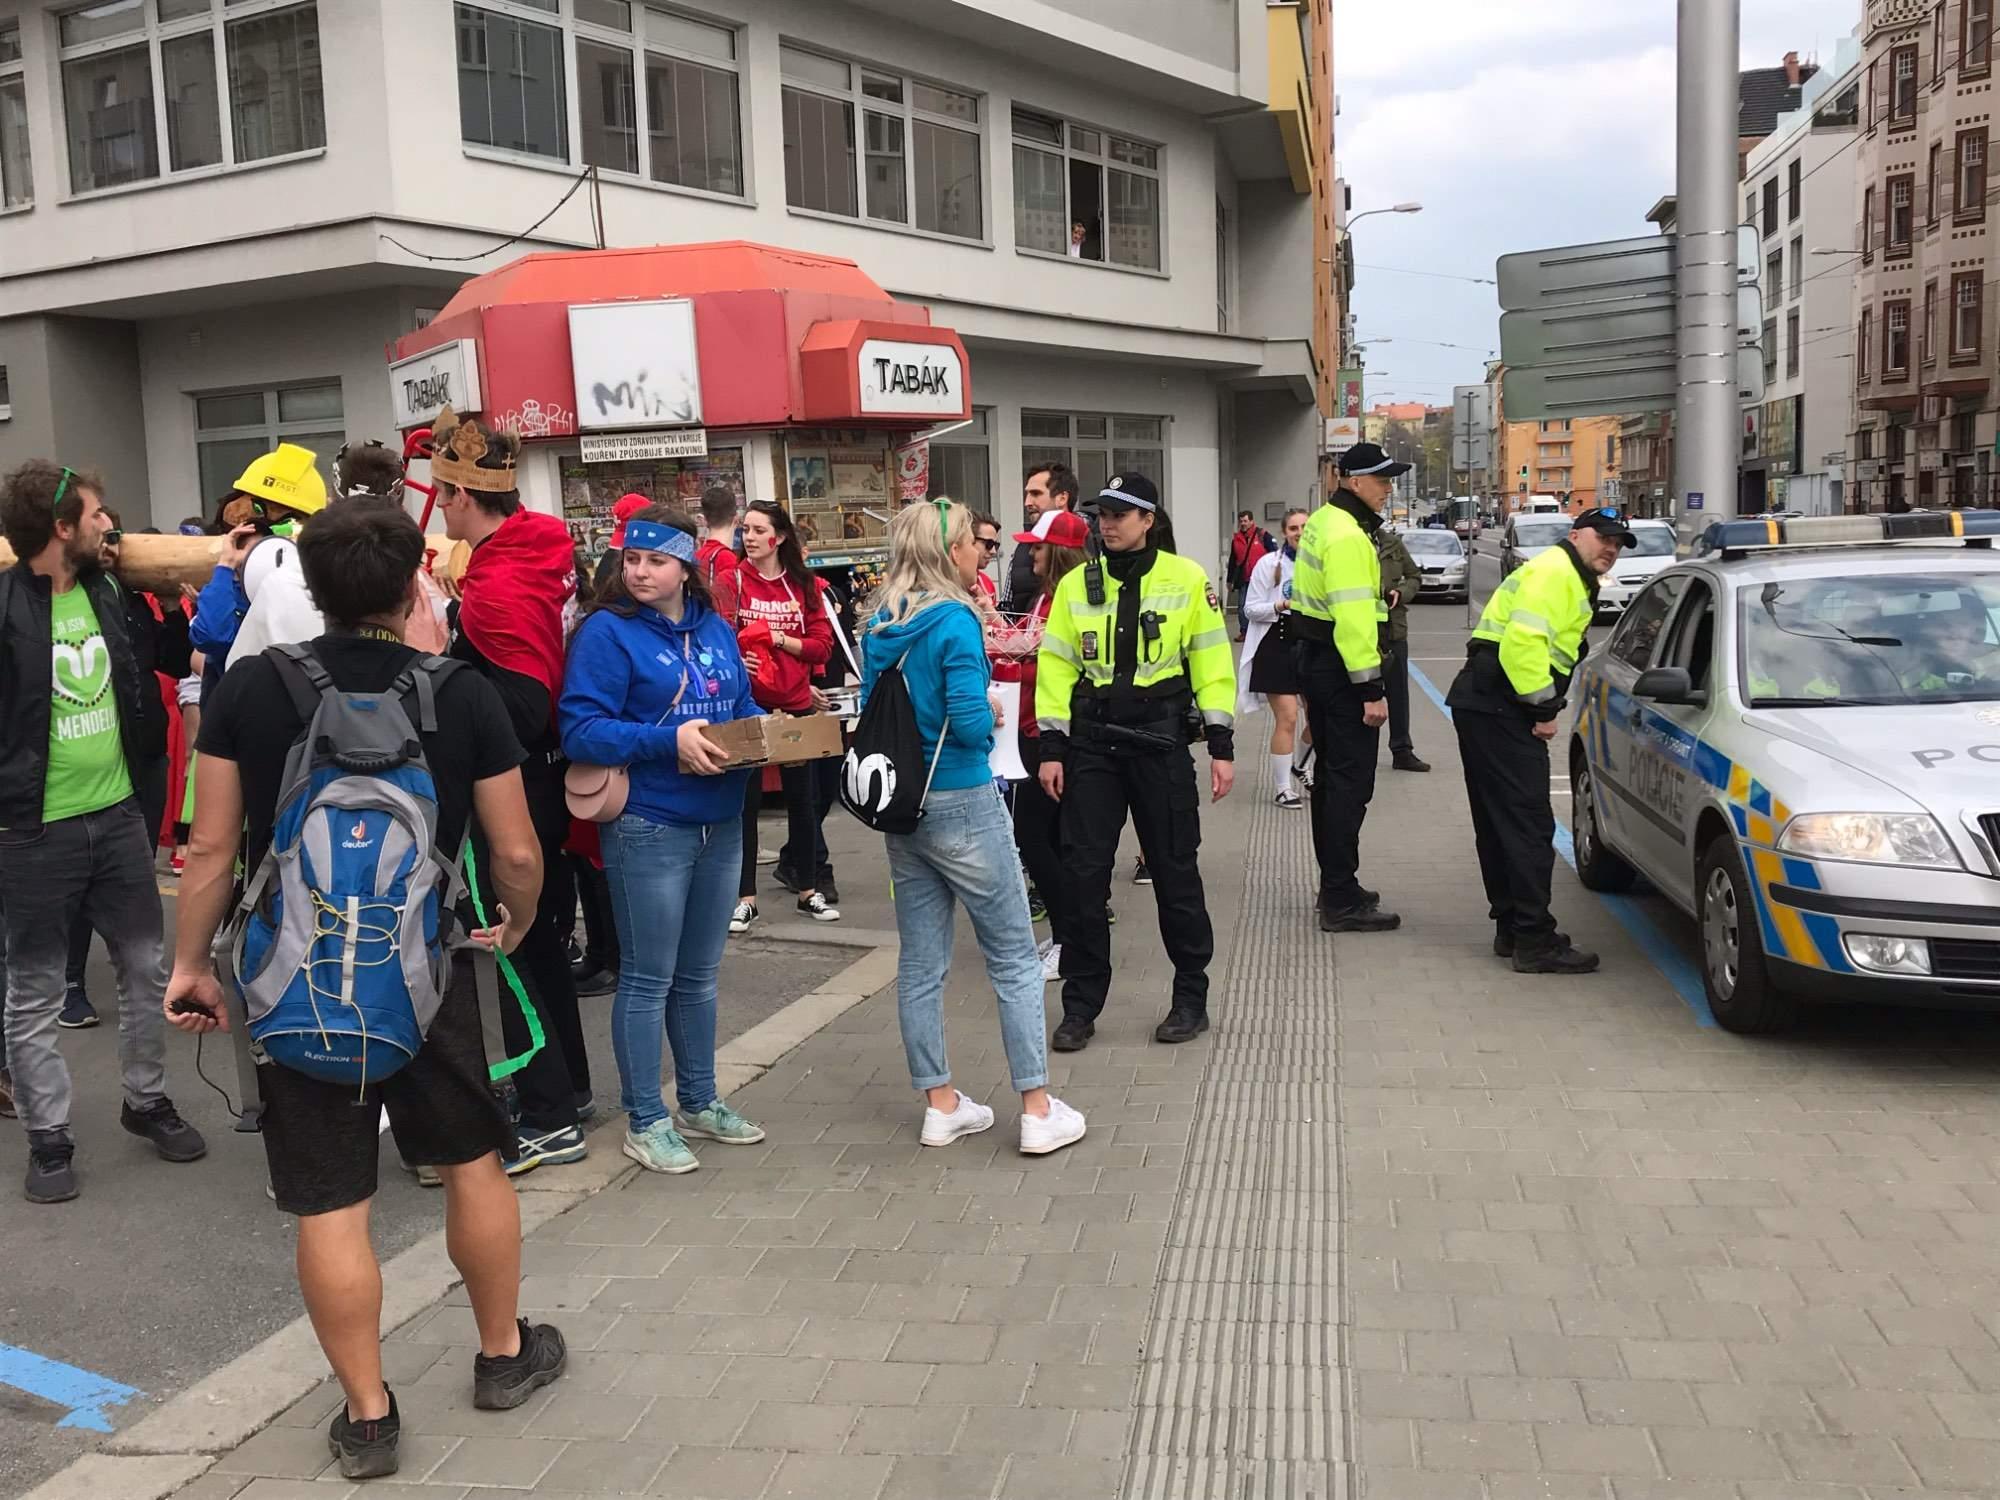 Na průvod dohlíželi strážnici i policisté. Foto: Vendula Kocandová